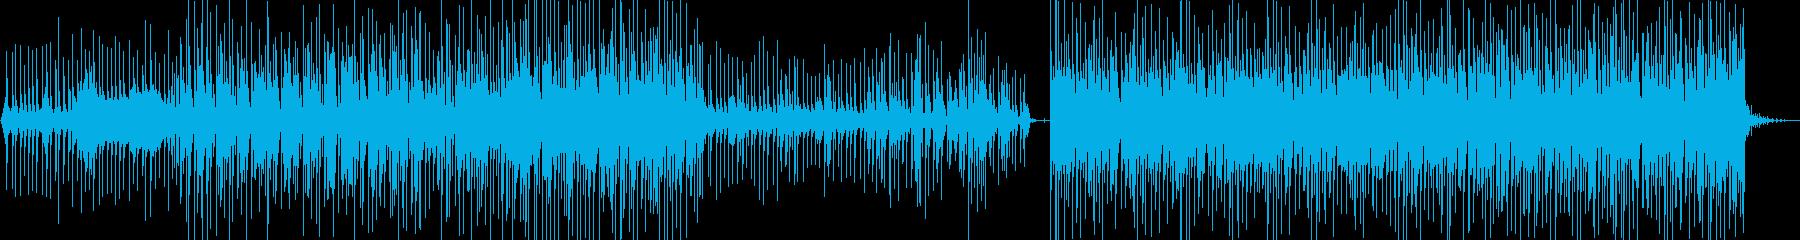 ダンディズムな口笛ダンス ハウス調の再生済みの波形